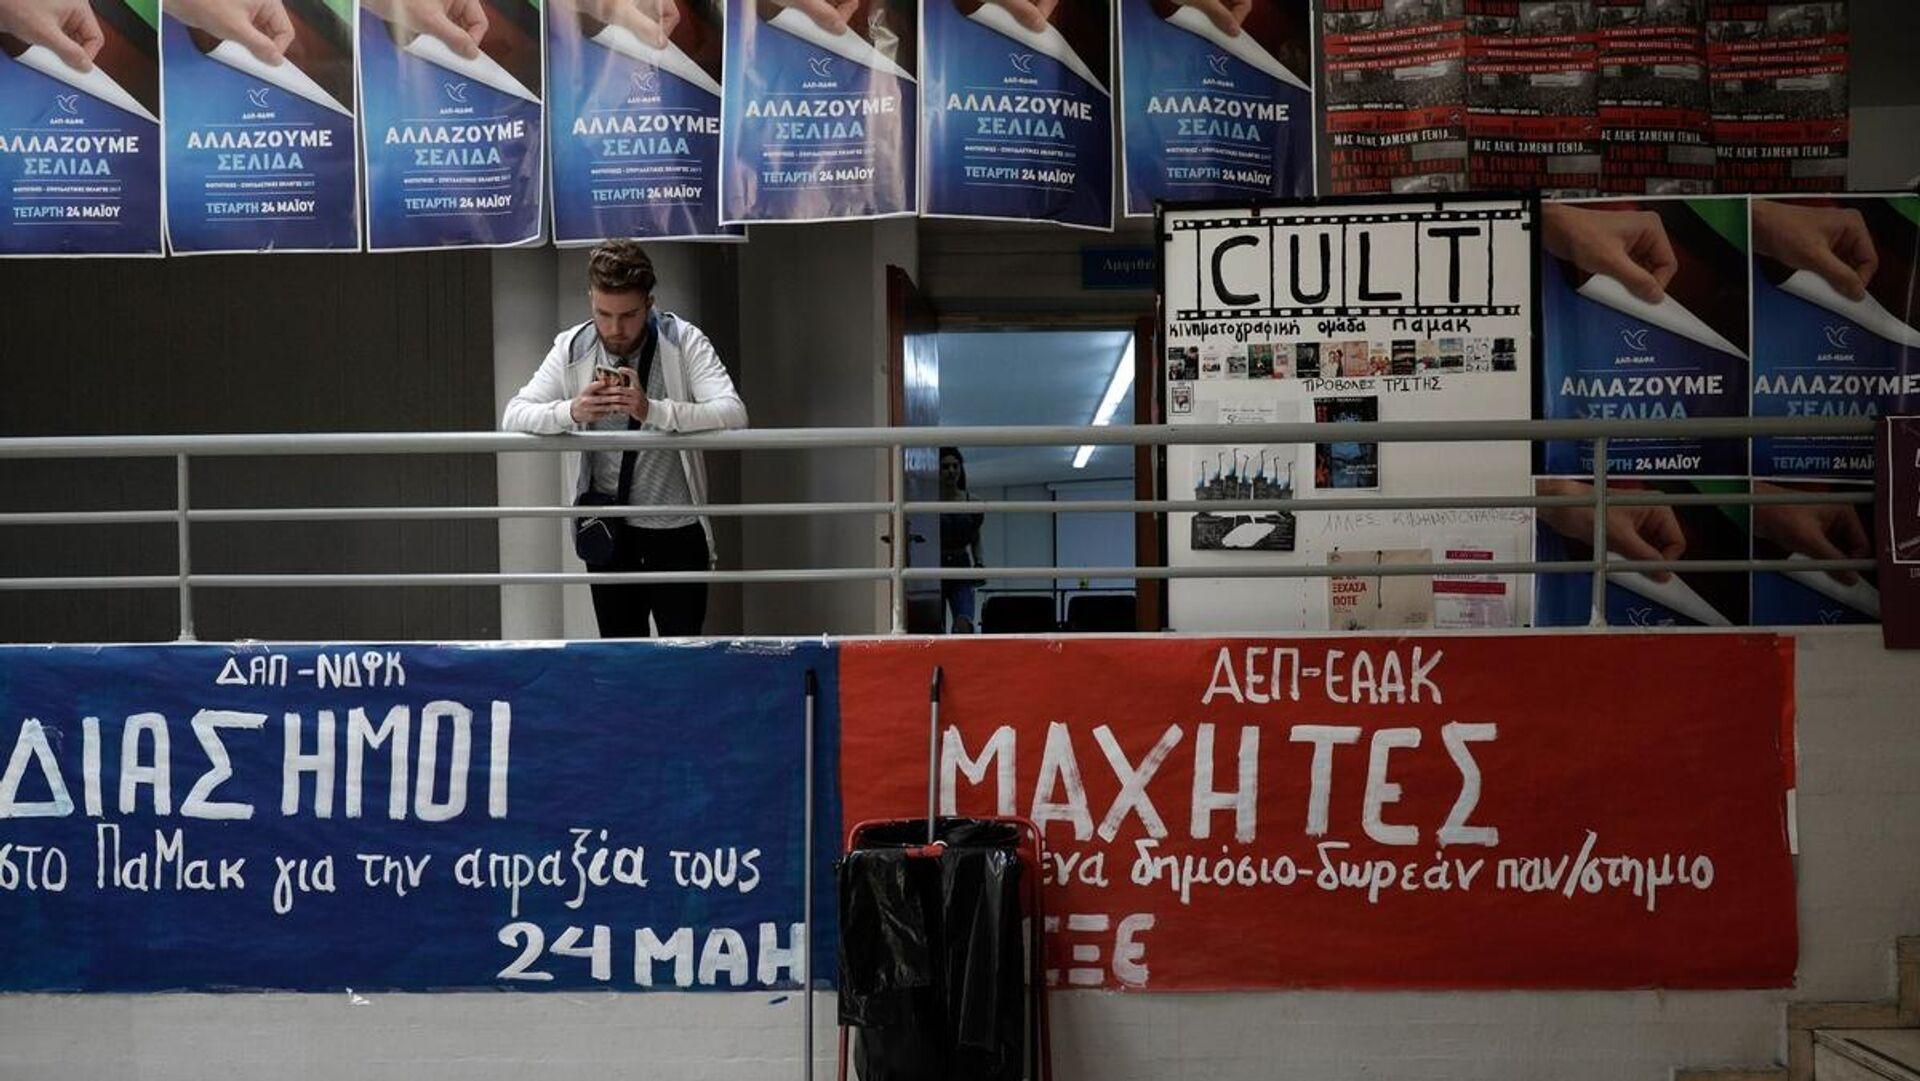 Φοιτητικές εκλογές στο Πανεπιστήμιο Μακεδονίας - Sputnik Ελλάδα, 1920, 05.10.2021